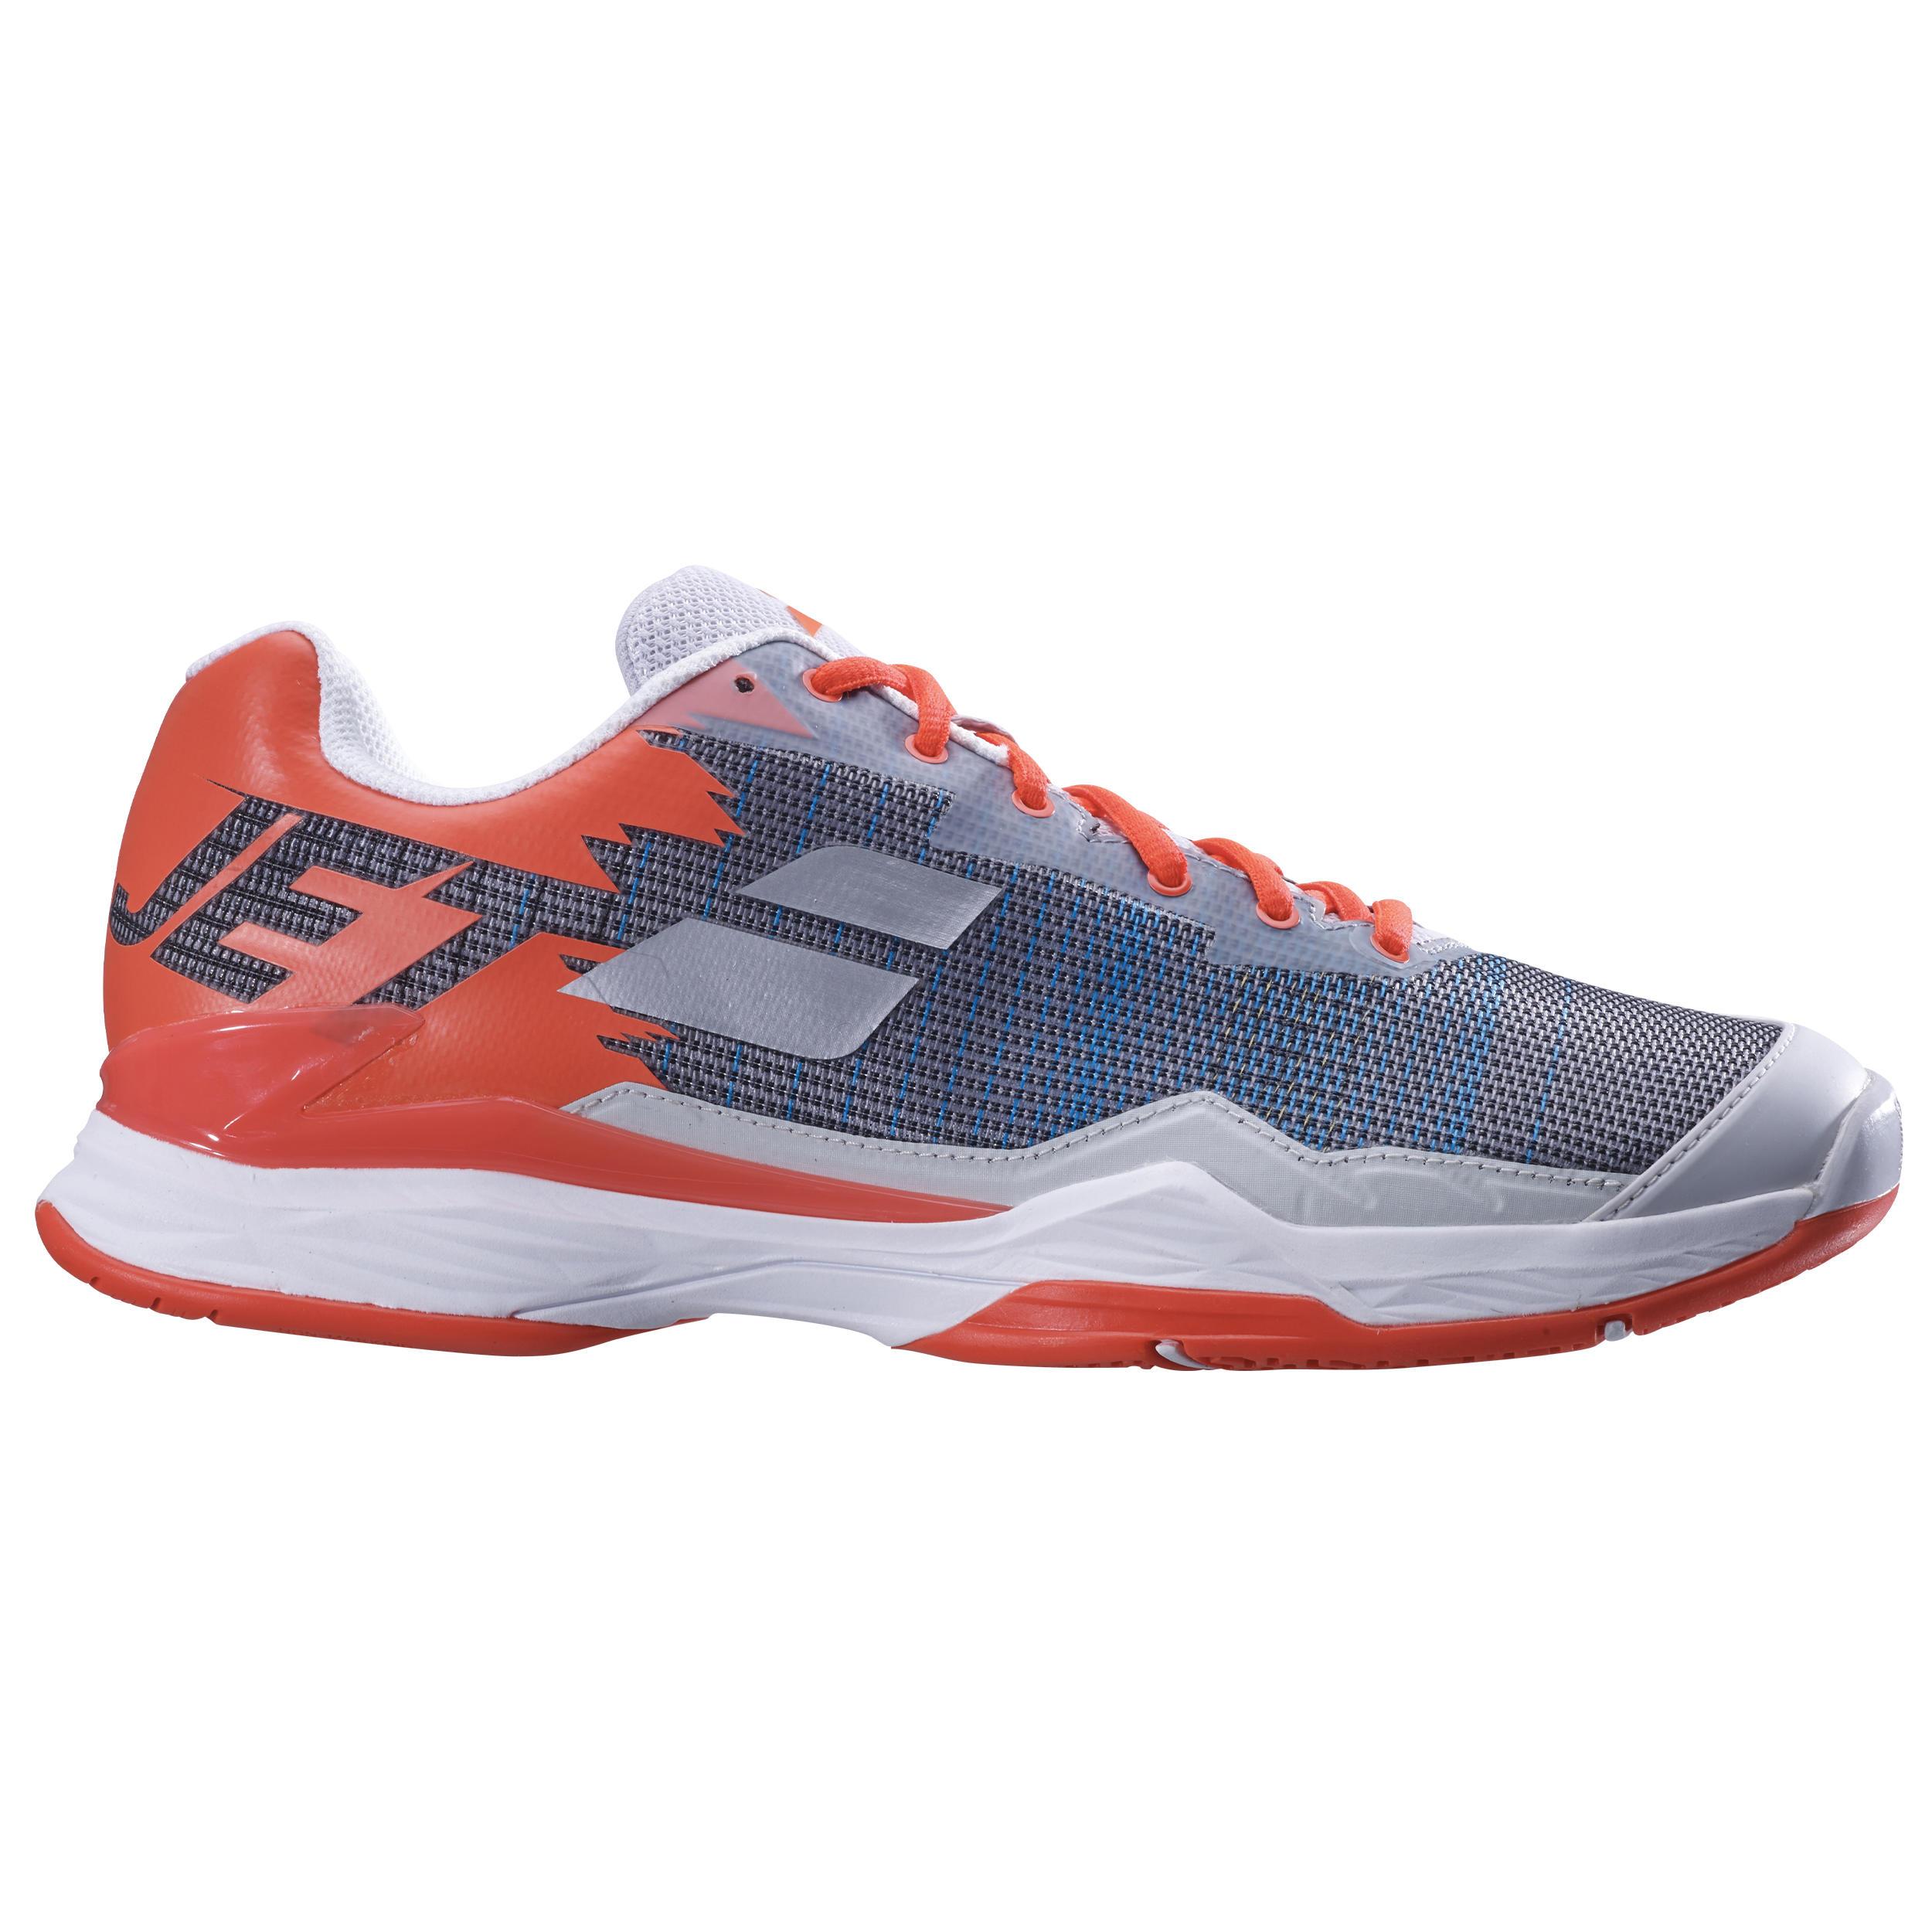 buy online 6ef2b 1f8d9 Chaussures de Tennis   Decathlon